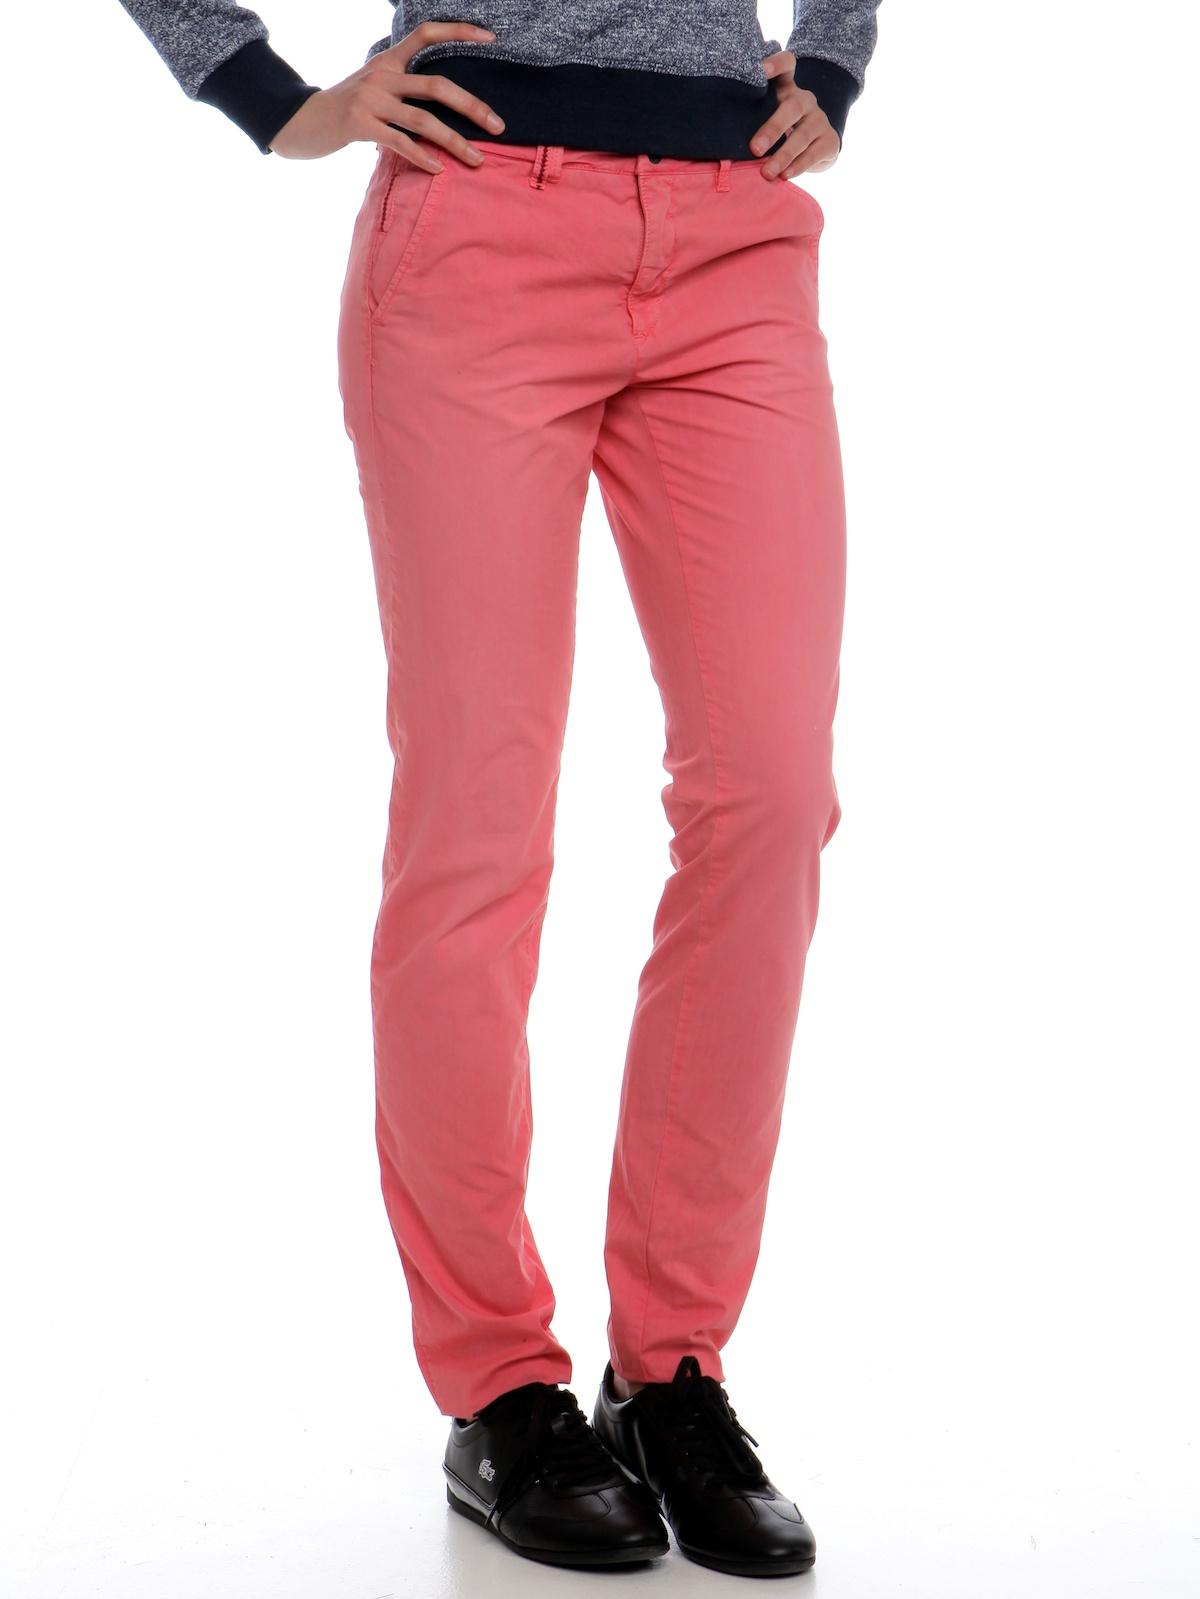 9a9d133c2101 Pepe Jeans Dámské kalhoty Colfax ss15 červená - Glami.cz